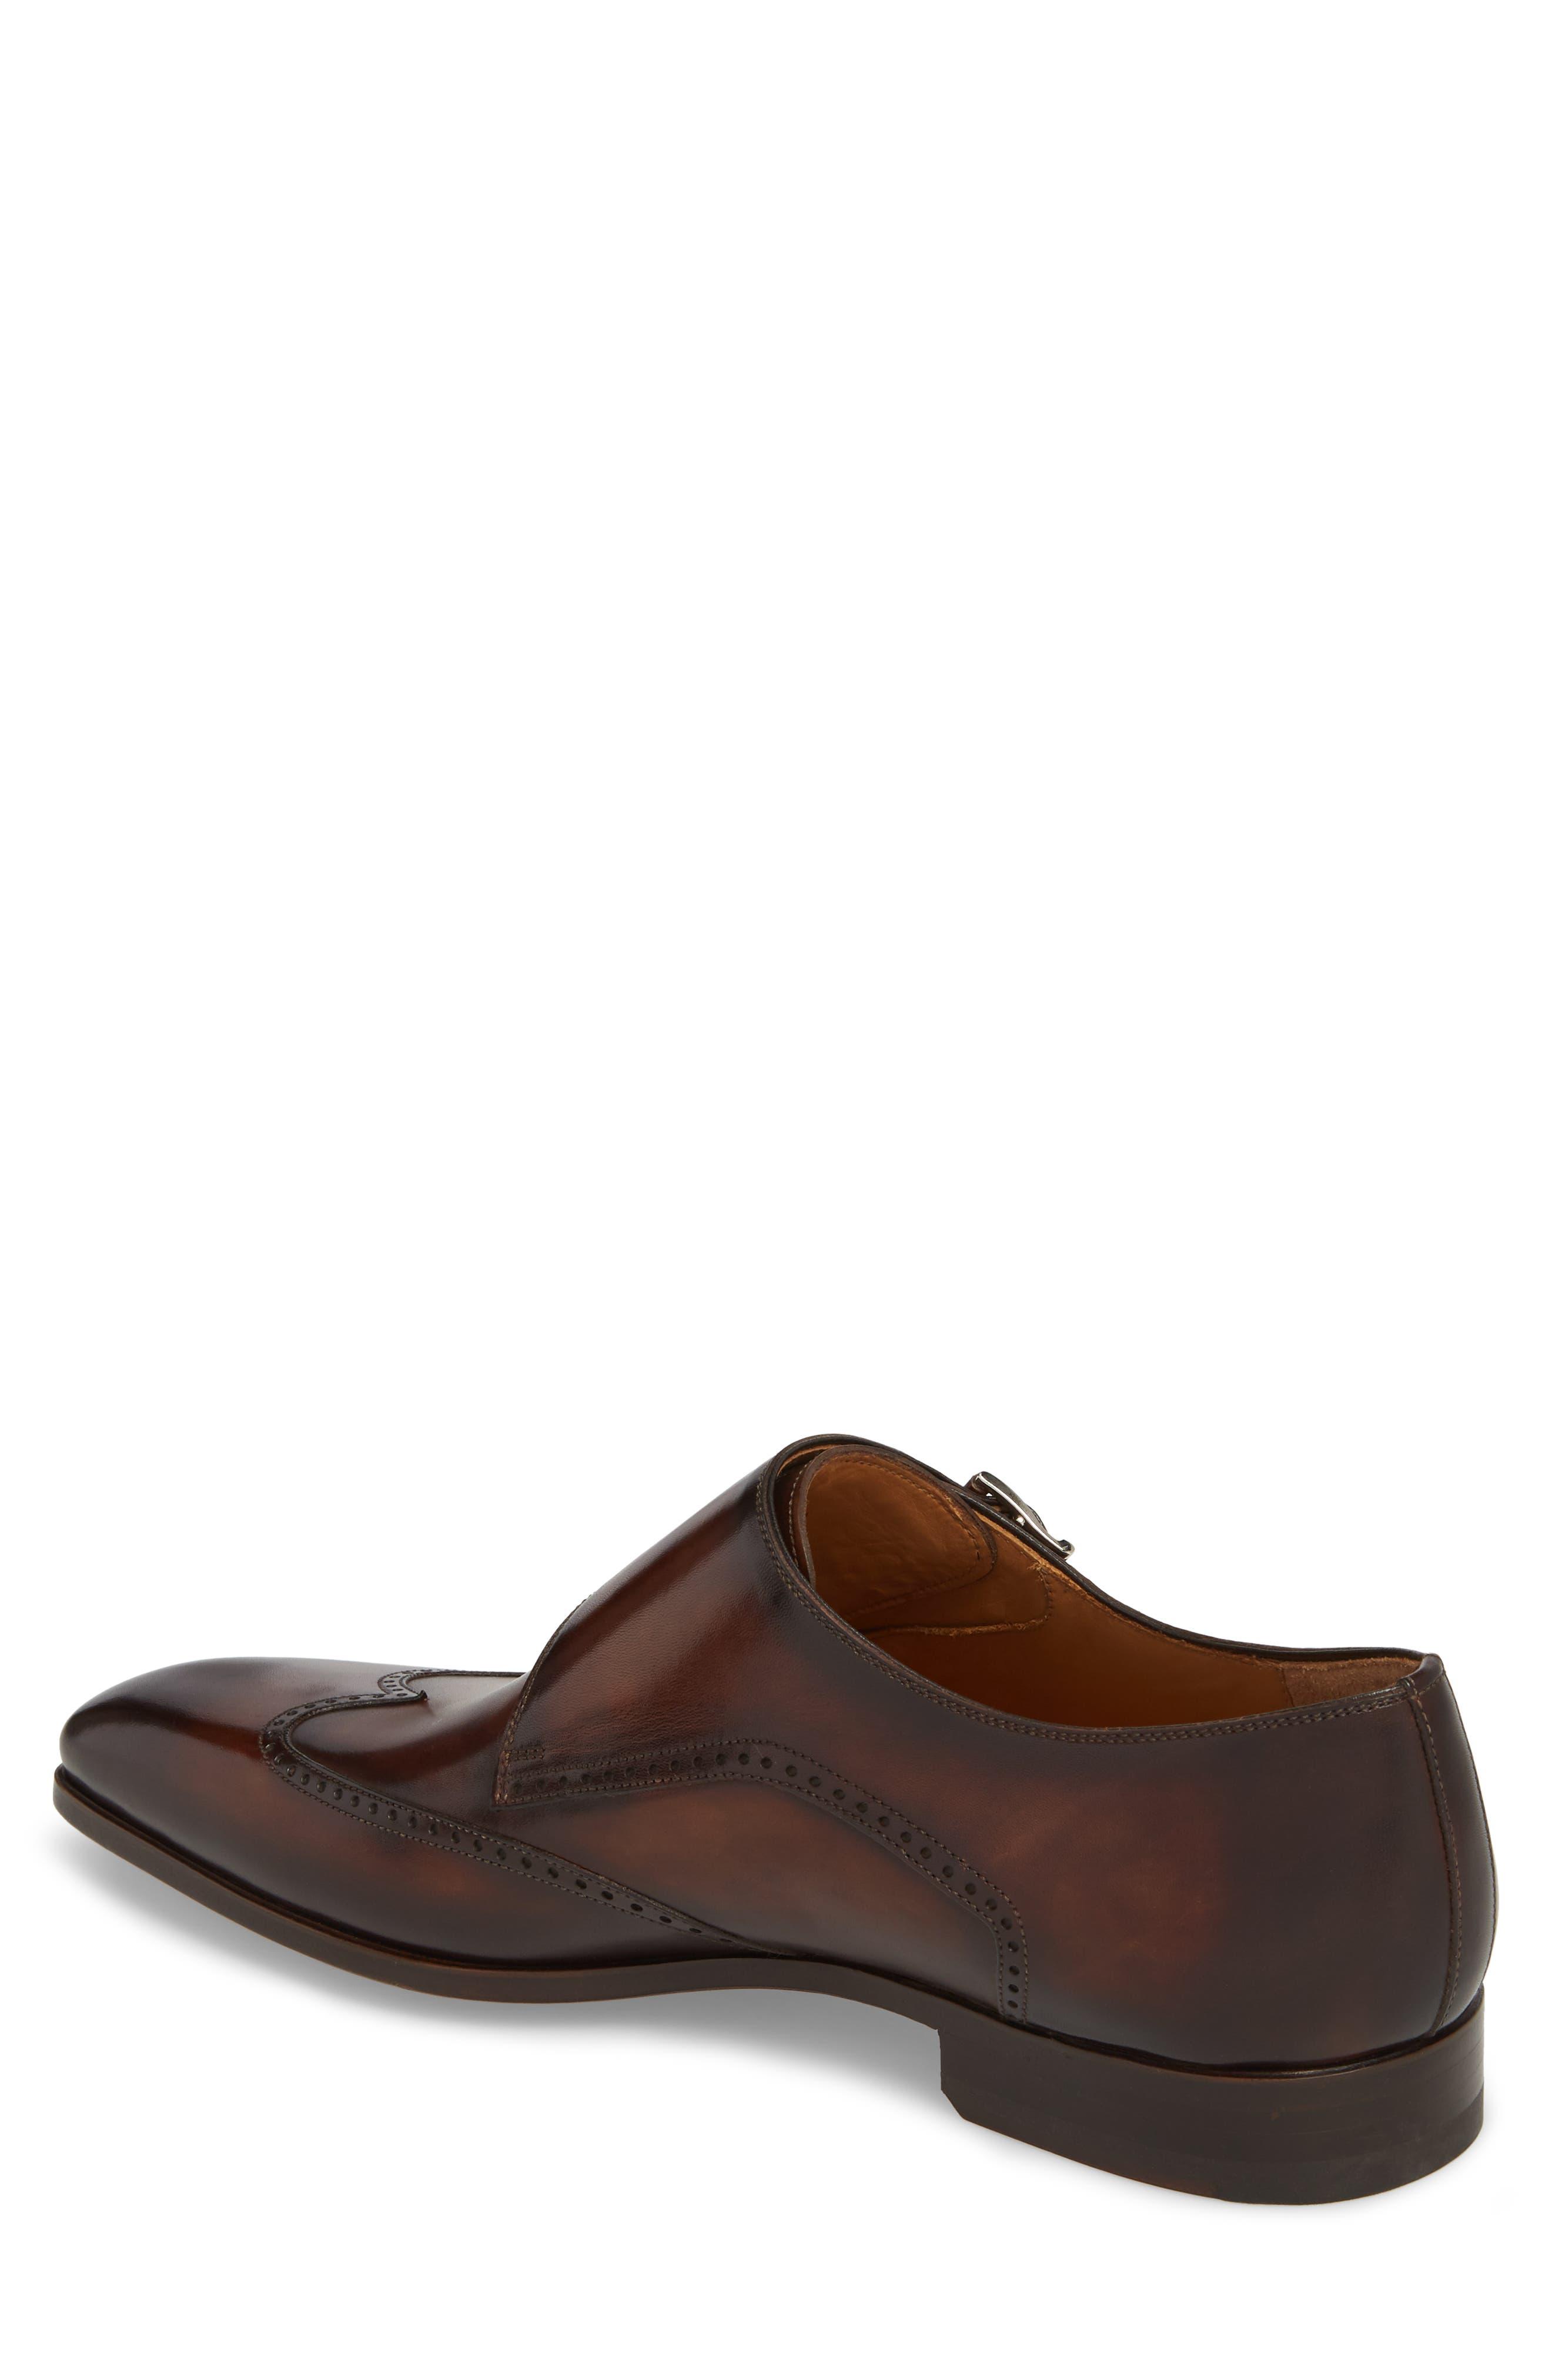 Dixon Wingtip Double Strap Monk Shoe,                             Alternate thumbnail 2, color,                             Tobacco Leather